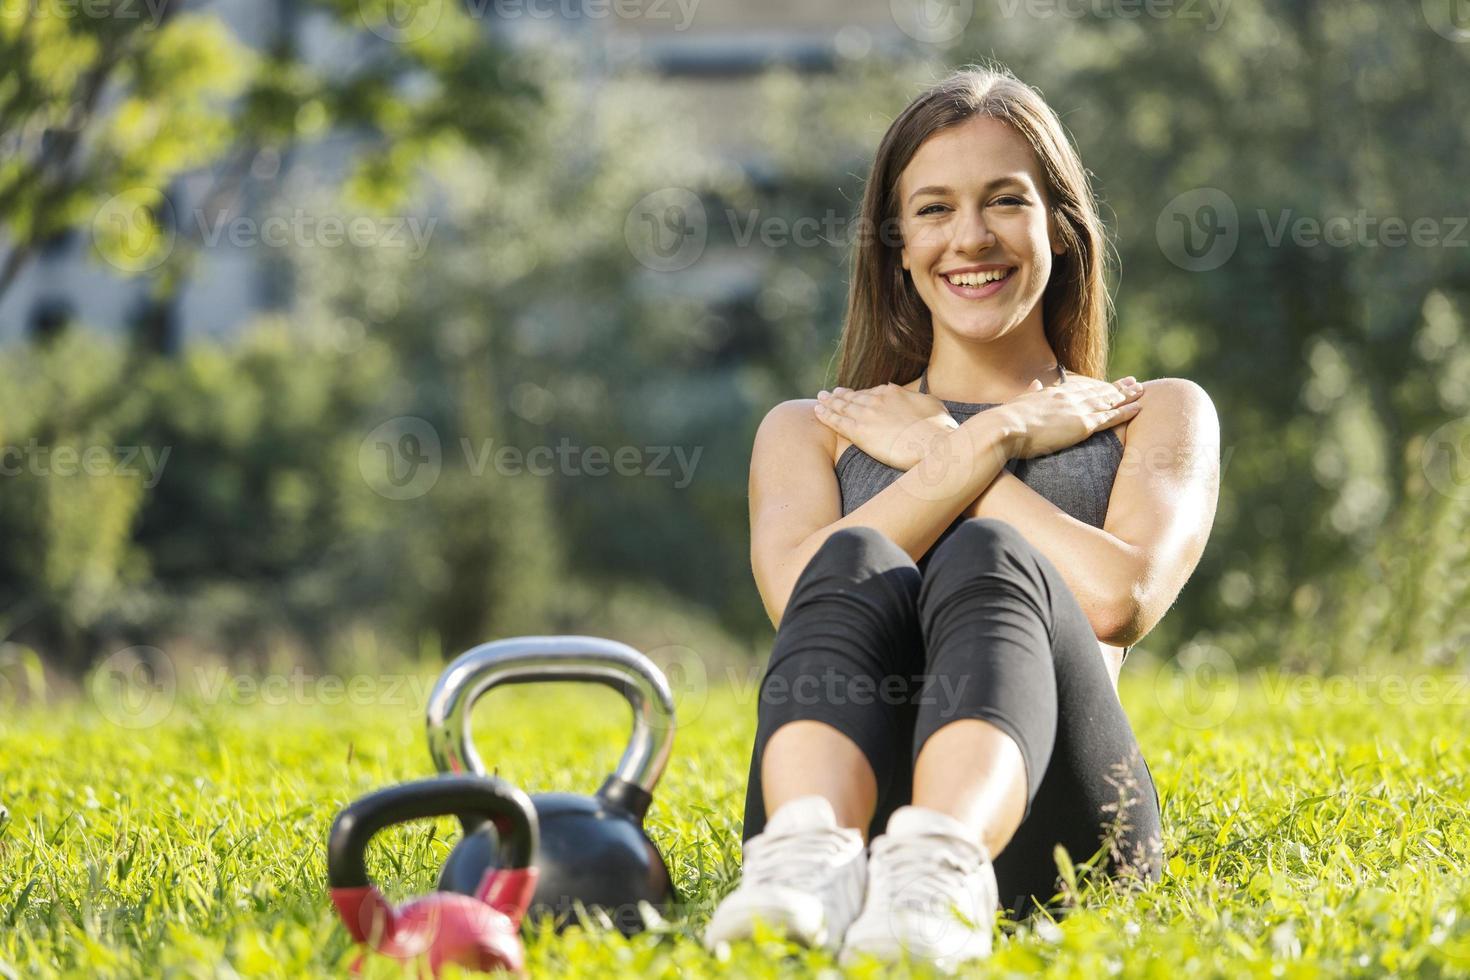 ragazza facendo sit up in natura foto